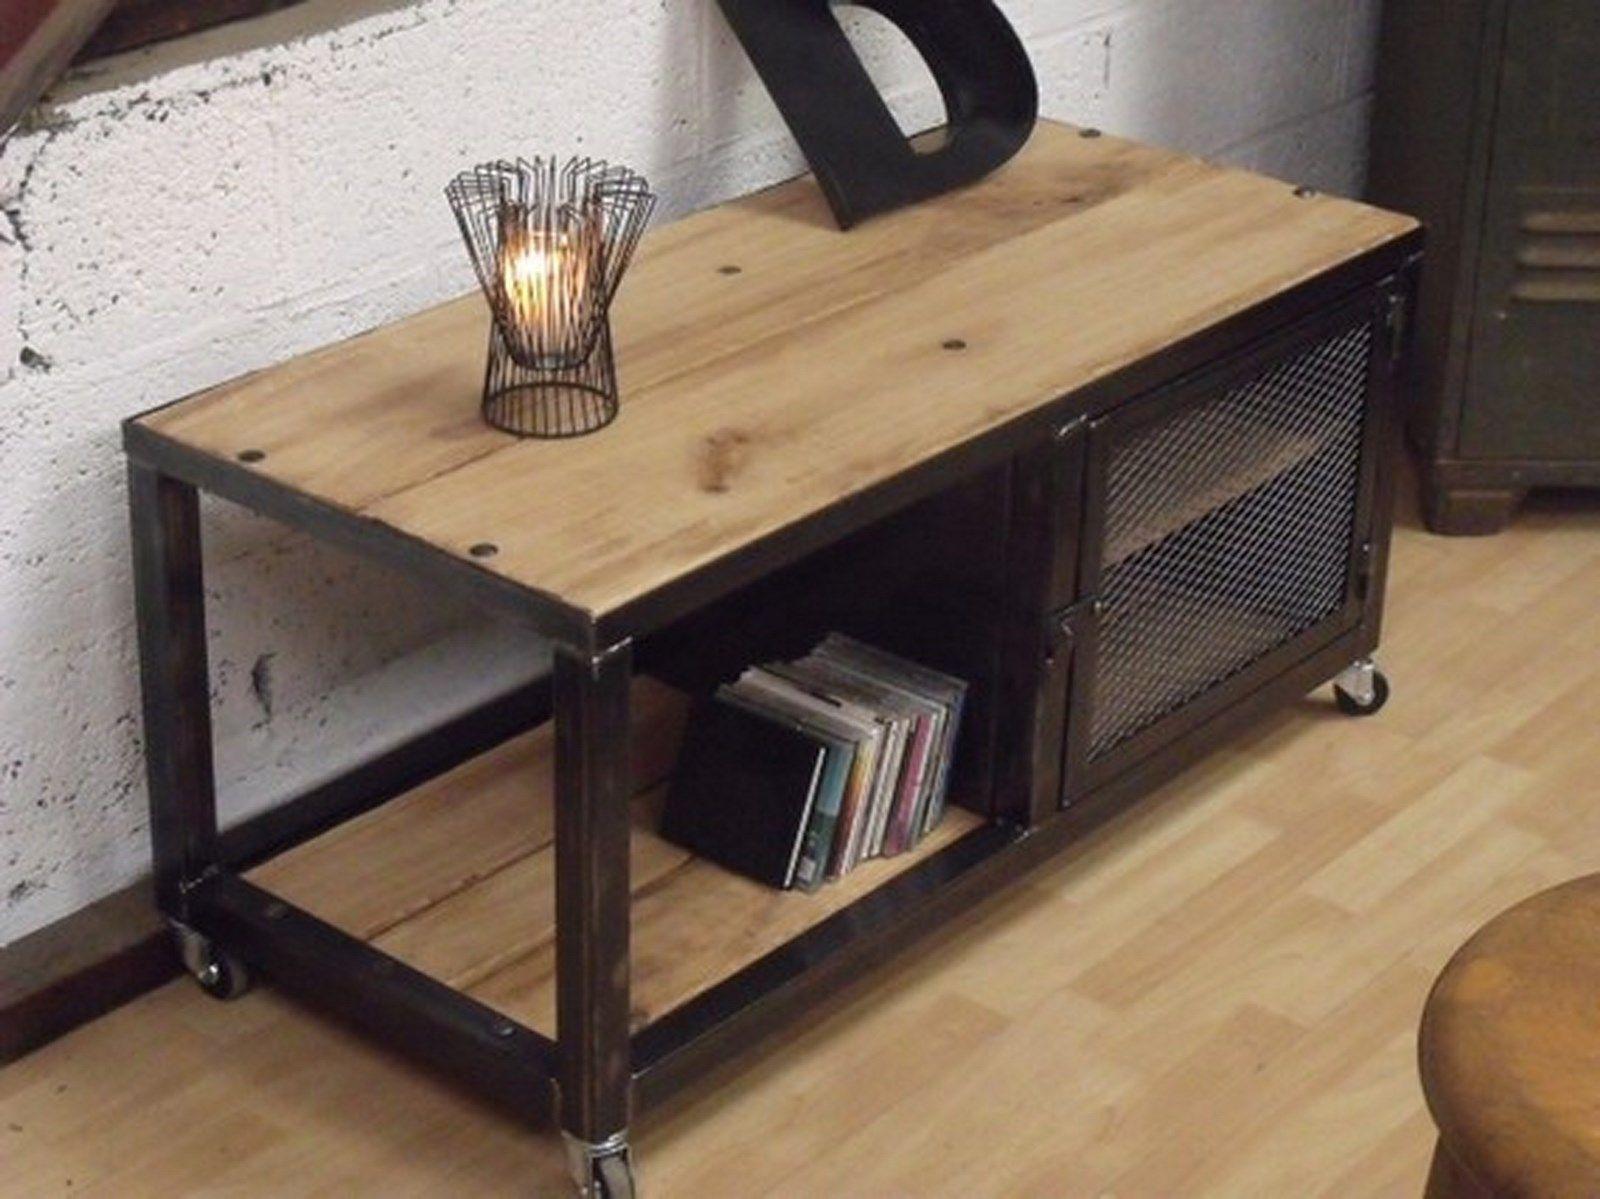 Meubels Op Wieltjes : Design tv meubel op wieltjes merk driade te koop tweedehands